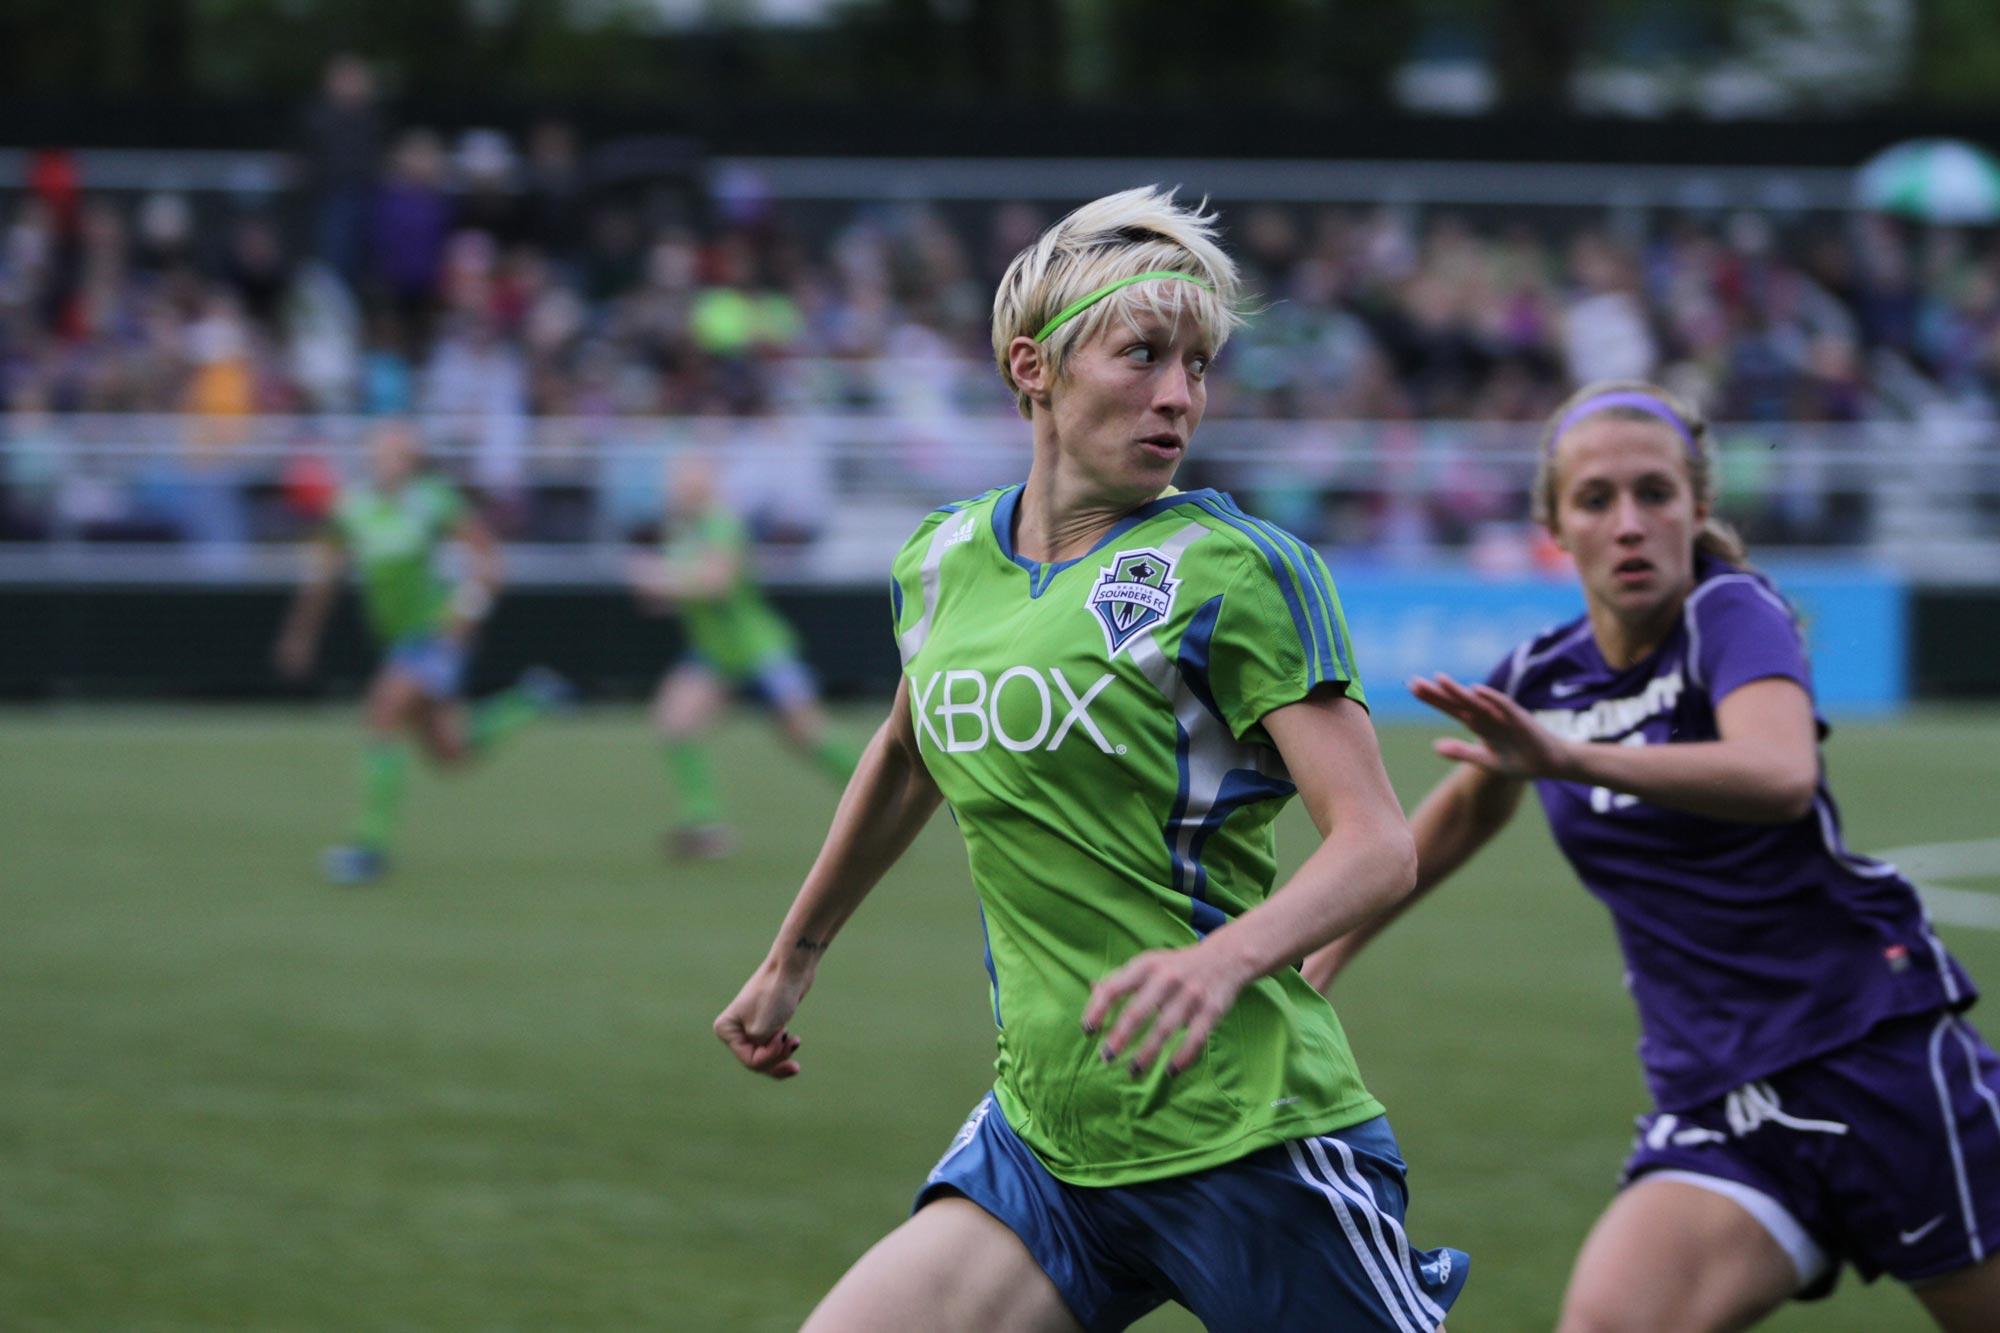 women sport football 02 - <b>«Если ты профессионалка, то это случайность».</b> Как дискриминируют женщин в спорте - Заборона